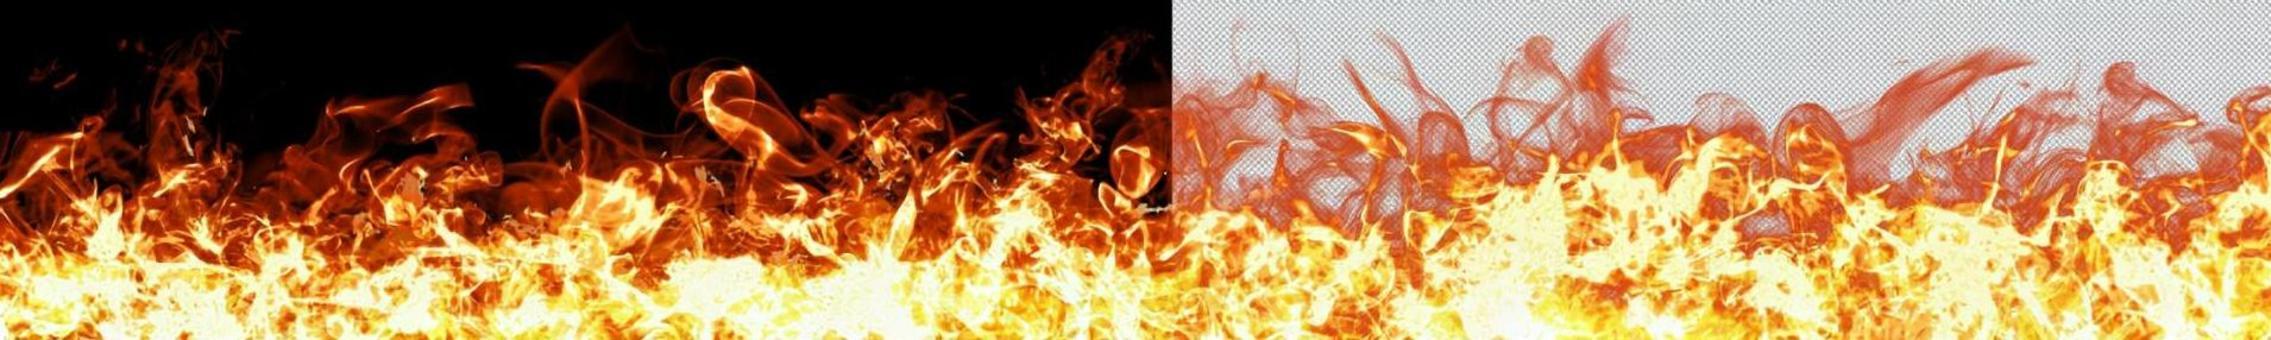 背景材料透明水平火焰PSD